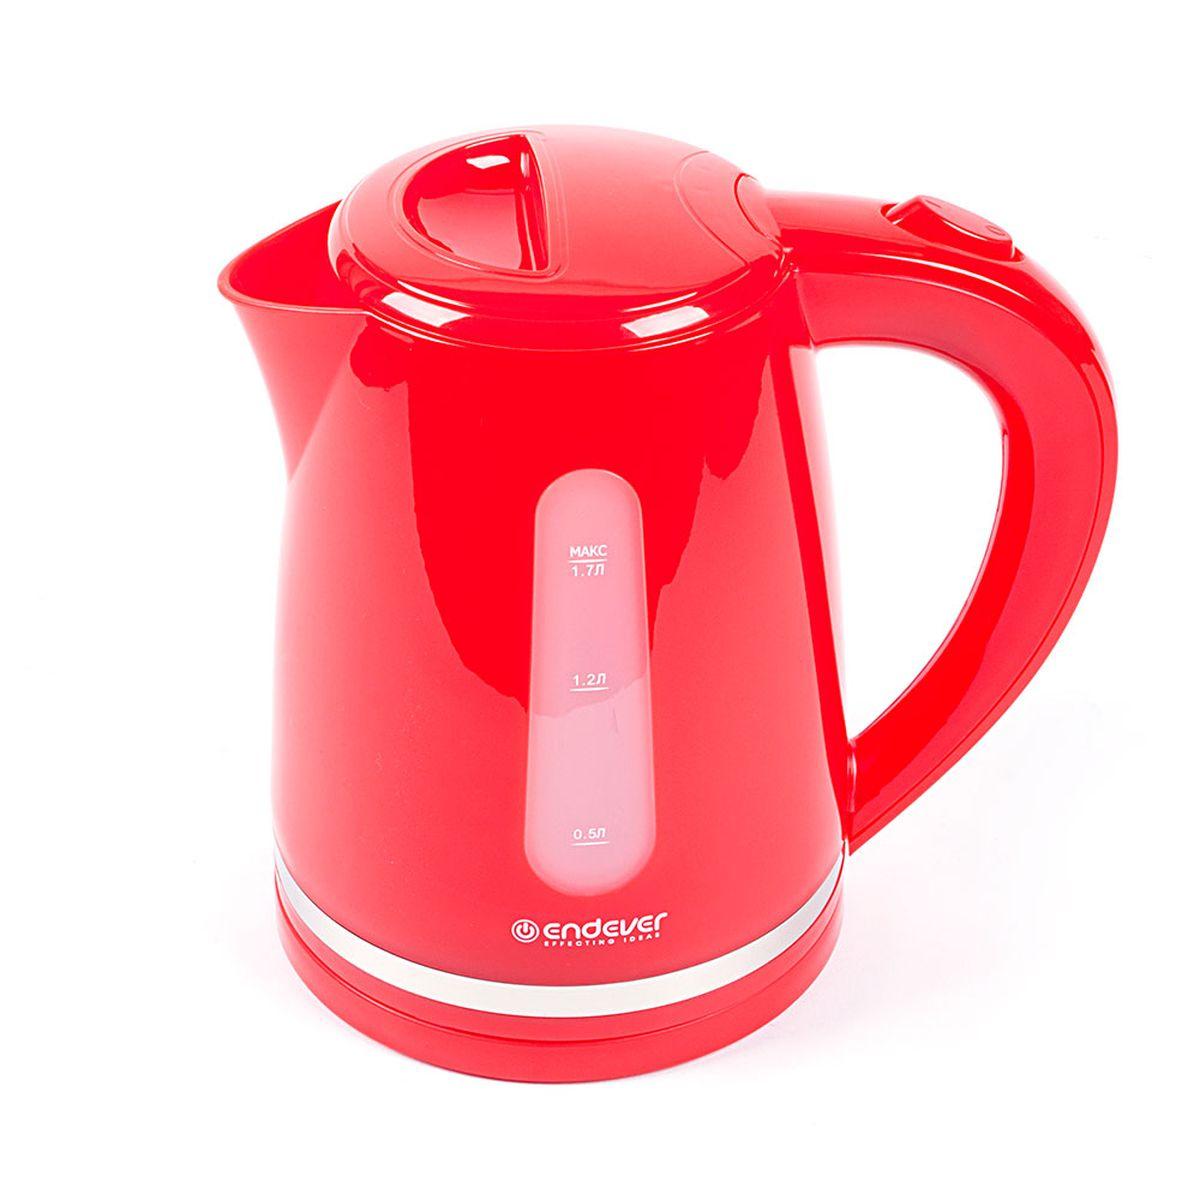 Endever KR-228 Skyline электрический чайникKR-228Endever KR-228 Skyline - это мощная (2400 Вт) модель большого объема (1,7 л). С помощью этого чайника вы сможете приготовить чай на большую компанию за считанные минуты. Вращающийся корпус сделает использование чайника еще более удобным, а фильтр избавит от попадания накипи в чашку.